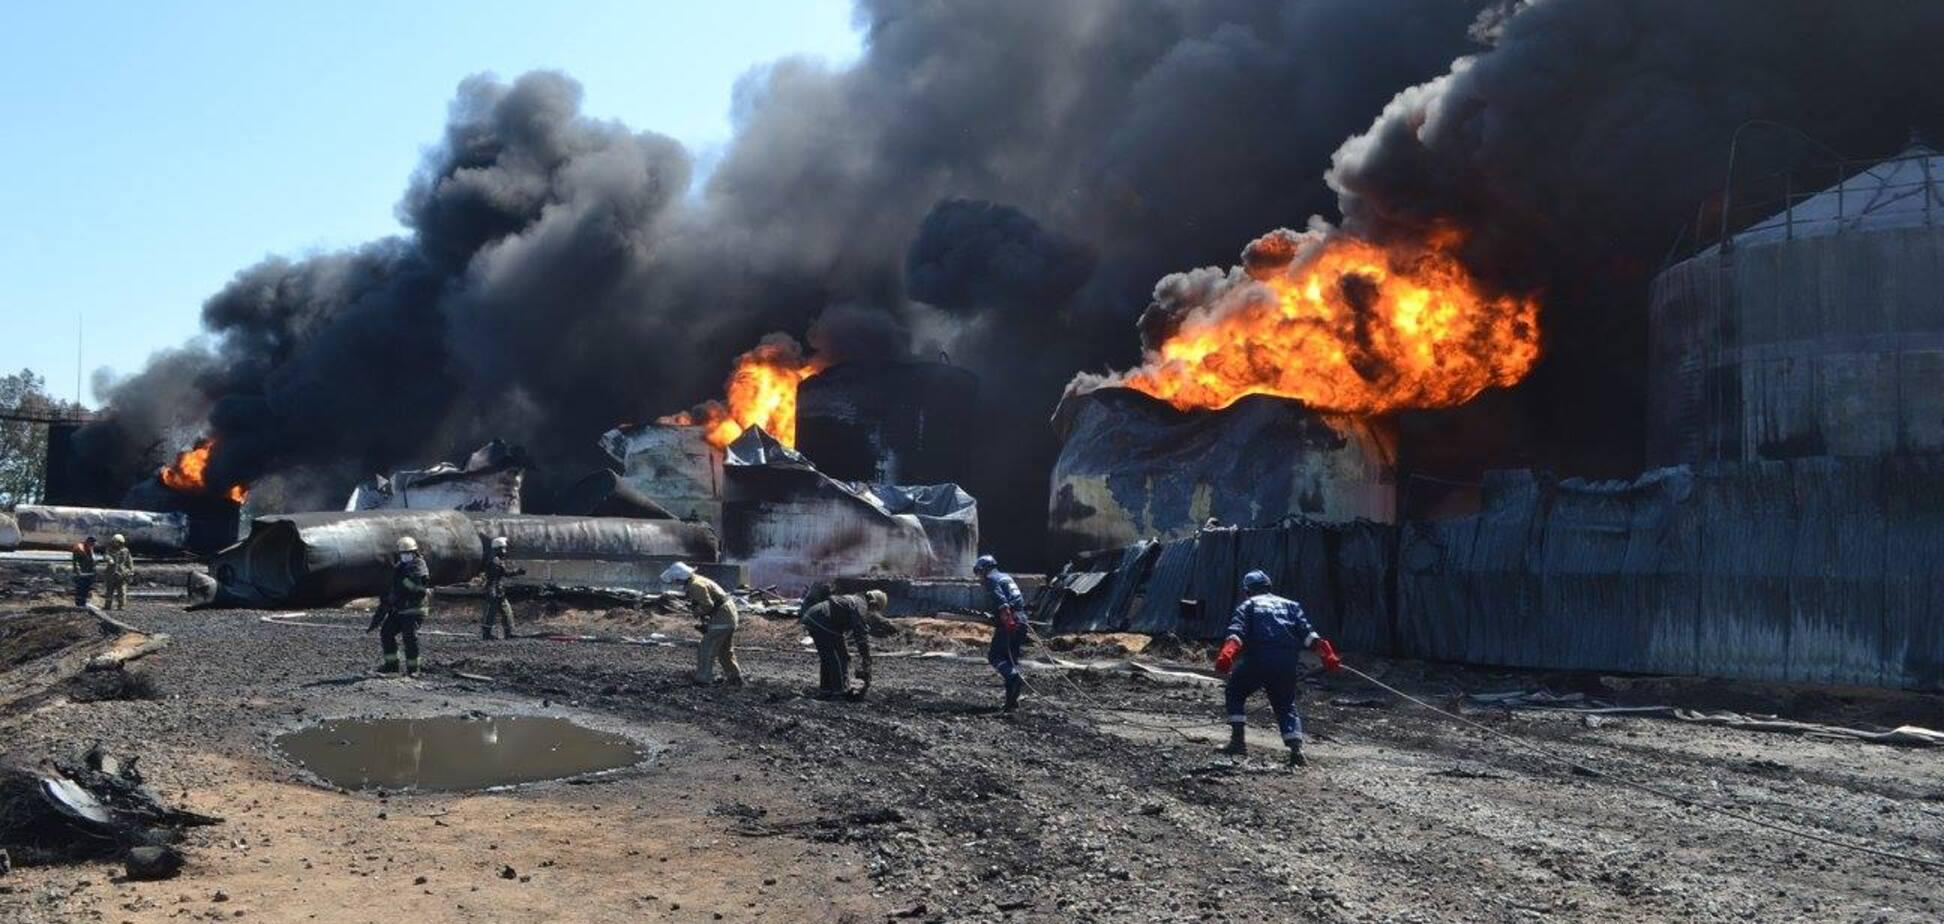 Пожар вблизи военного аэродрома в Василькове: появилась новая информация